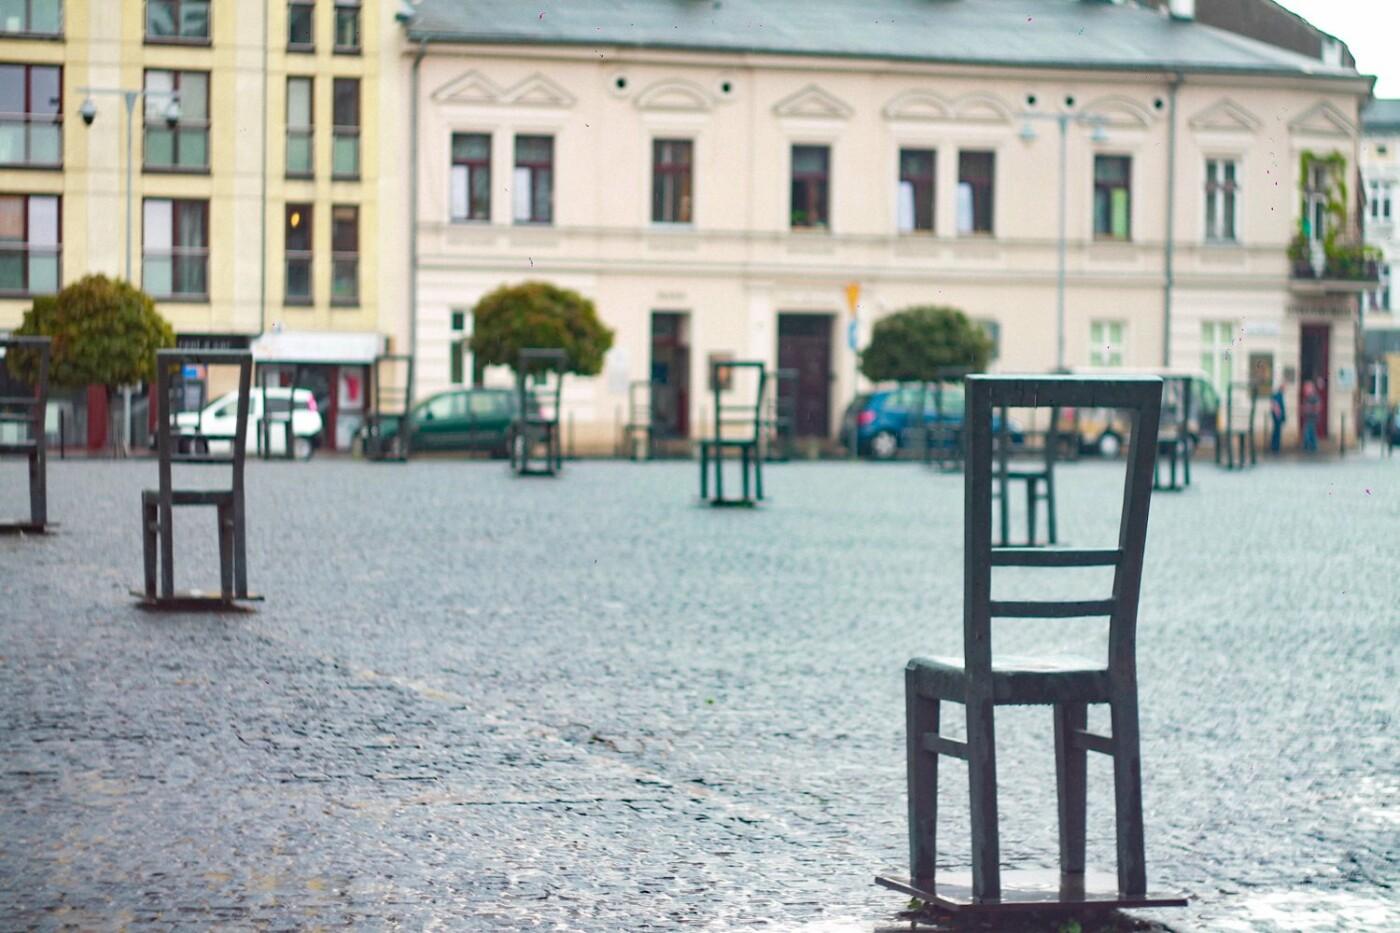 Приехать в Польшу и влюбиться, часть 1: мини-гайд по Кракову о жилье, транспорте и развлечениях, и экскурсия в Аушвиц-Биркенау , - ФОТО, фото-24